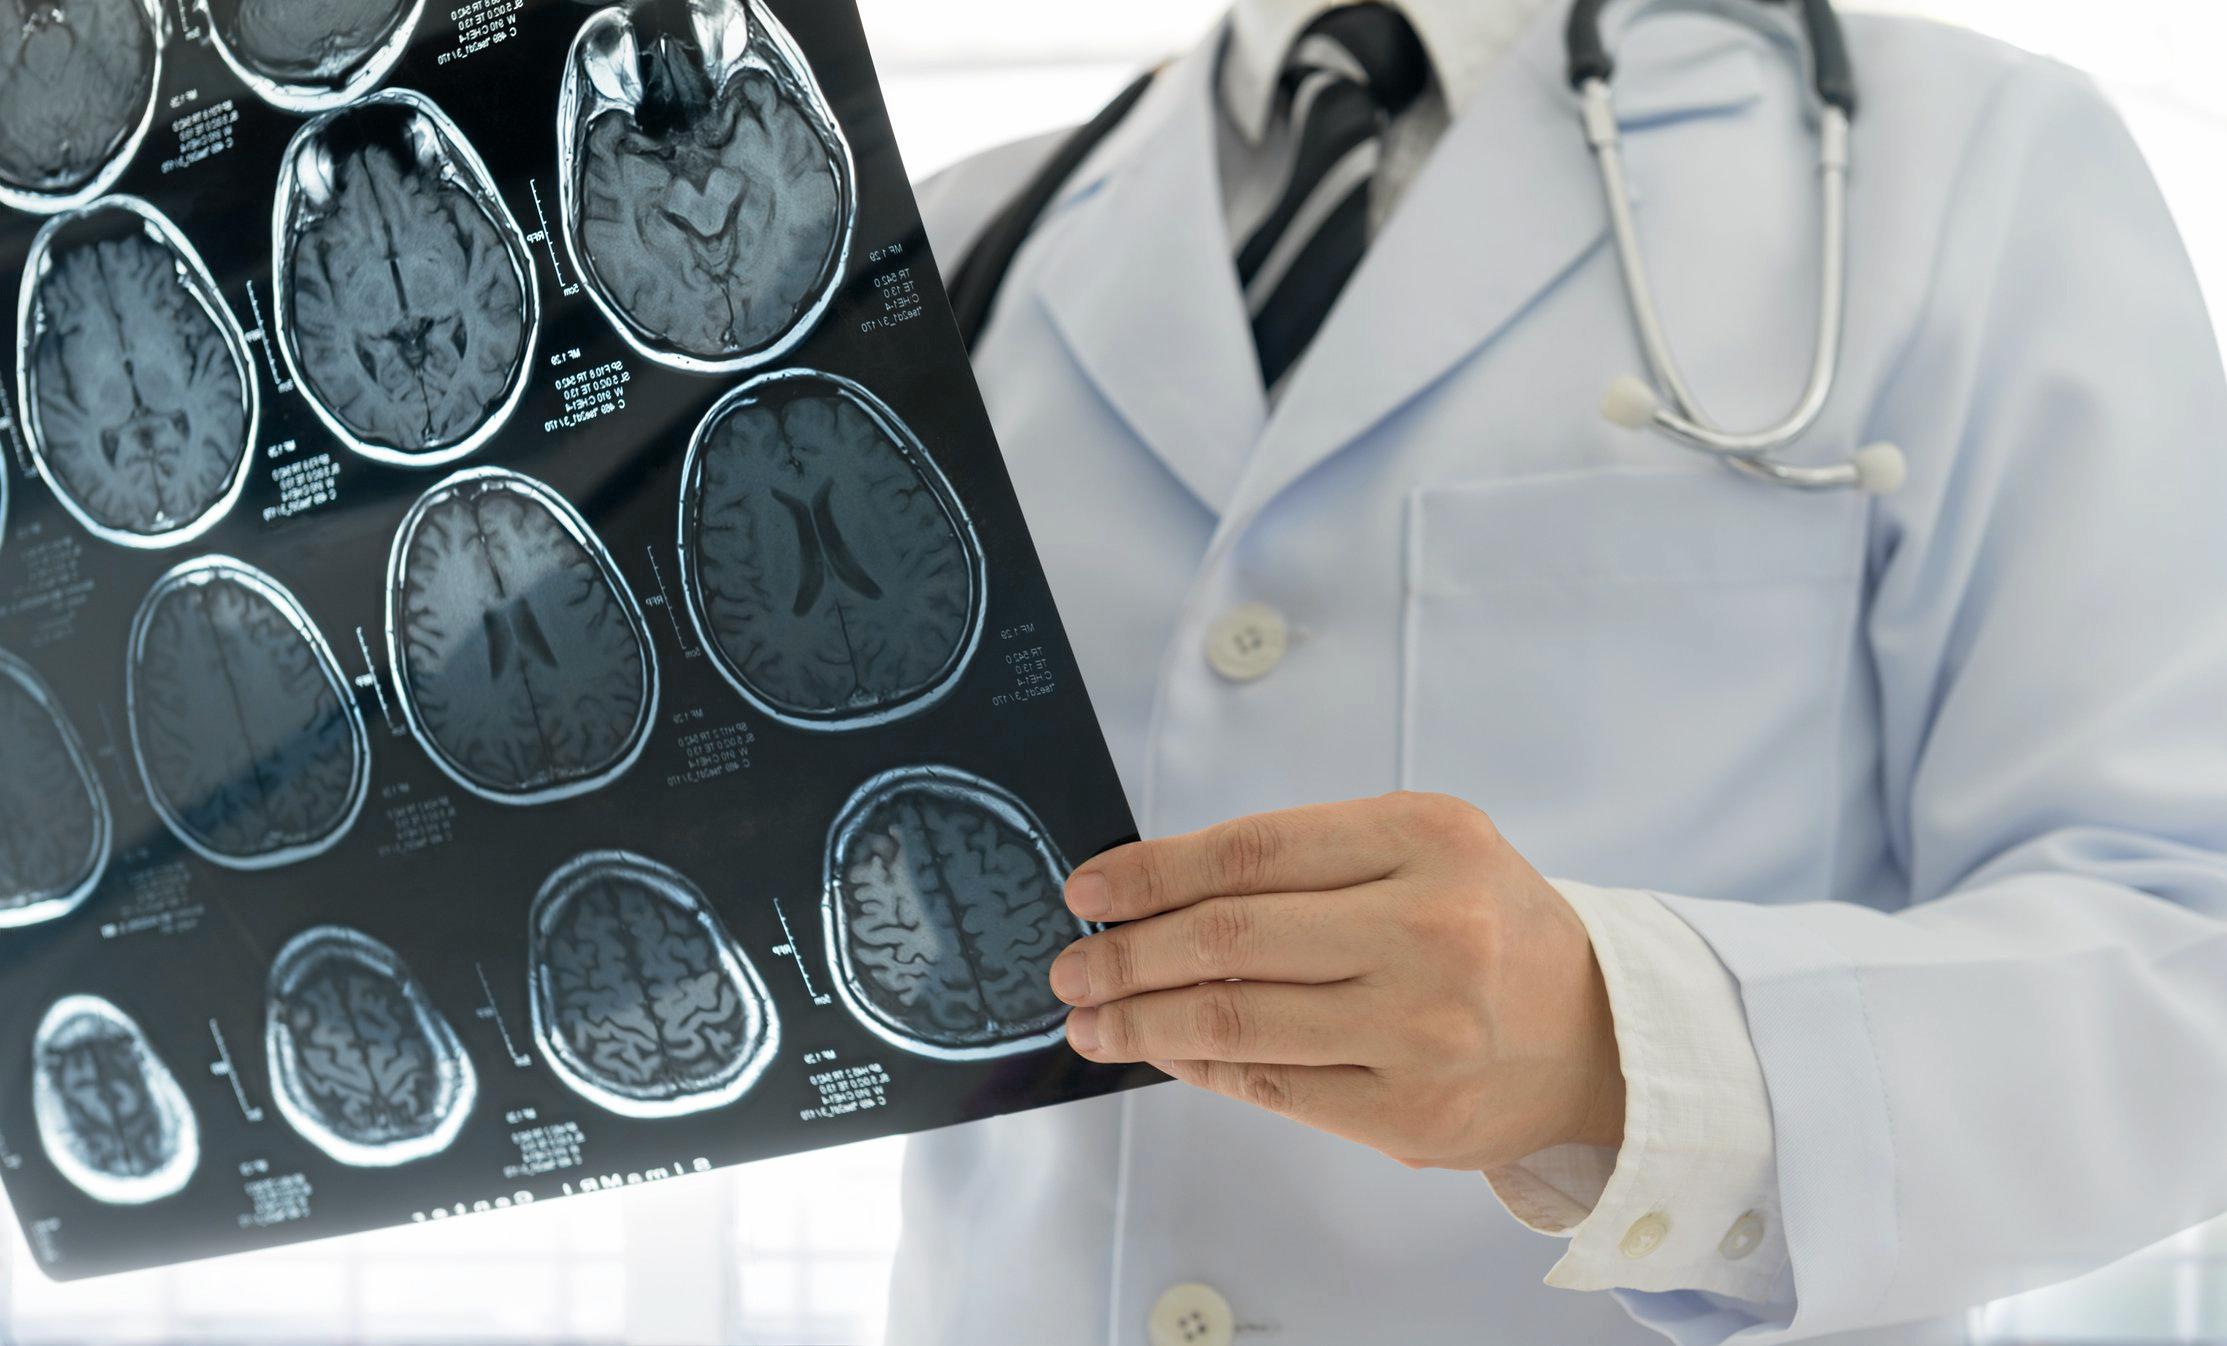 Rham Neurologia Matera